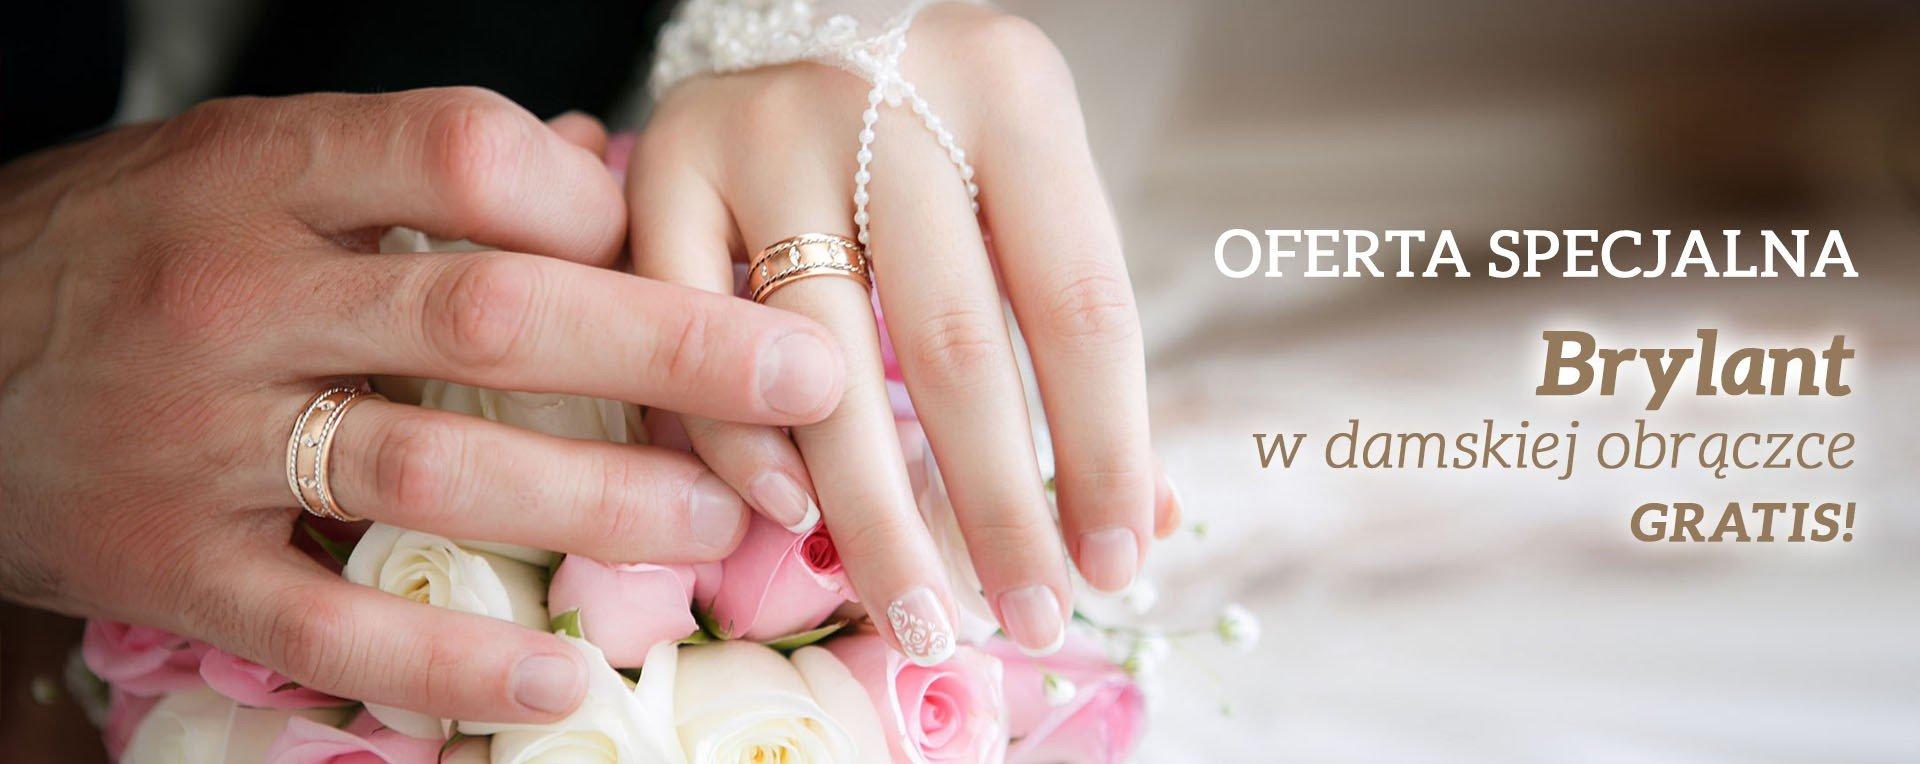 DM Biżuteria - Obrączki ślubne